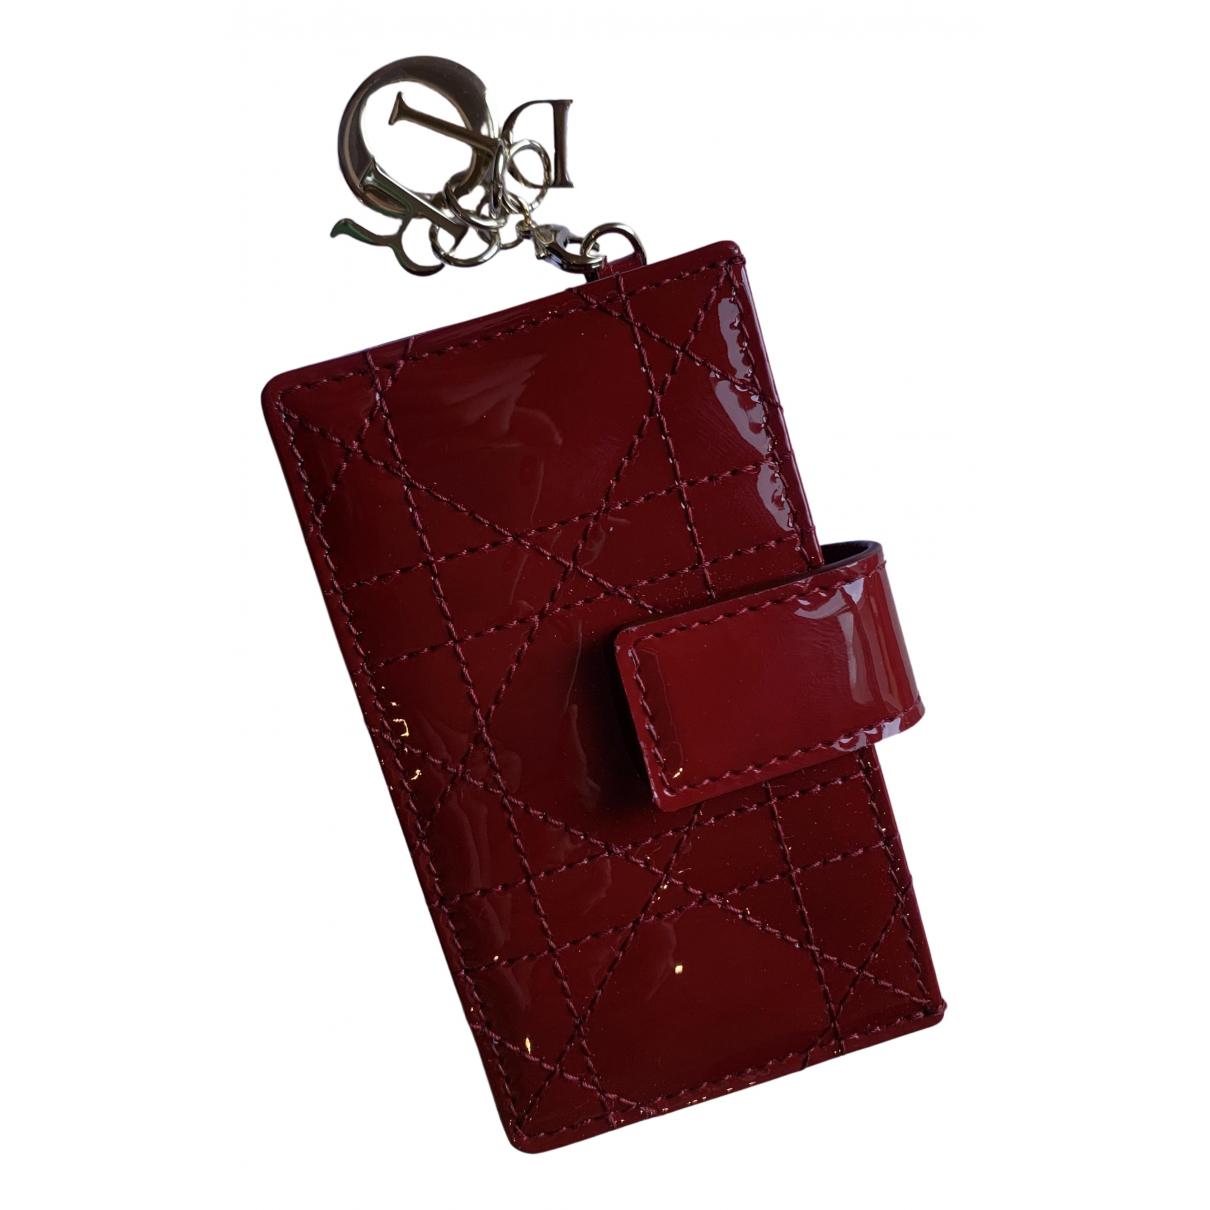 Dior - Petite maroquinerie   pour femme en cuir verni - rouge